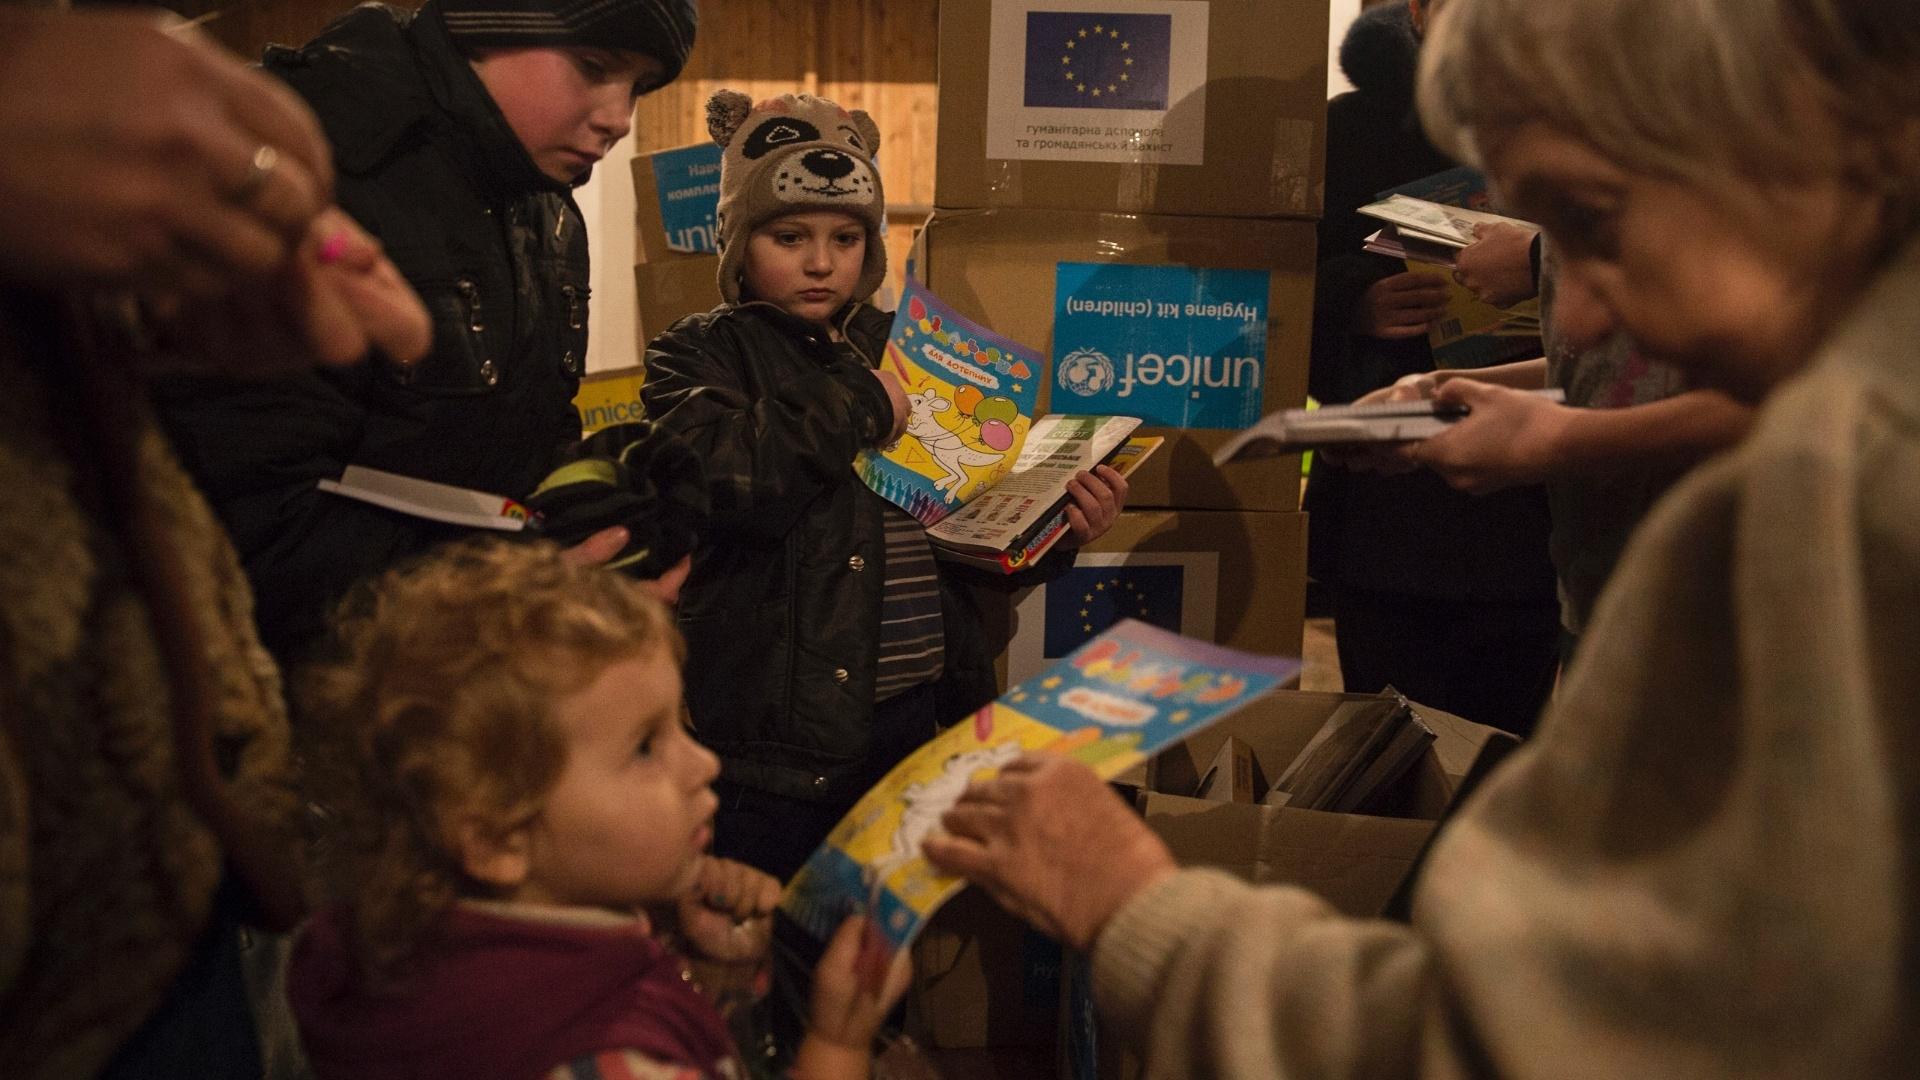 29.jan.2015 - Crianças em abrigos antiaéreos em Donetsk, no leste da Ucrânia, recebem kits de higiene e livros enviados pelo Comitê Europeu de Ajuda Humanitária e Proteção Civil (Echo, na sigla em inglês) e pela Unicef. Mais de 1,7 milhões de crianças afetadas pela crescente crise no leste do país sofrem risco de contrair várias doenças devido à falta de higiene